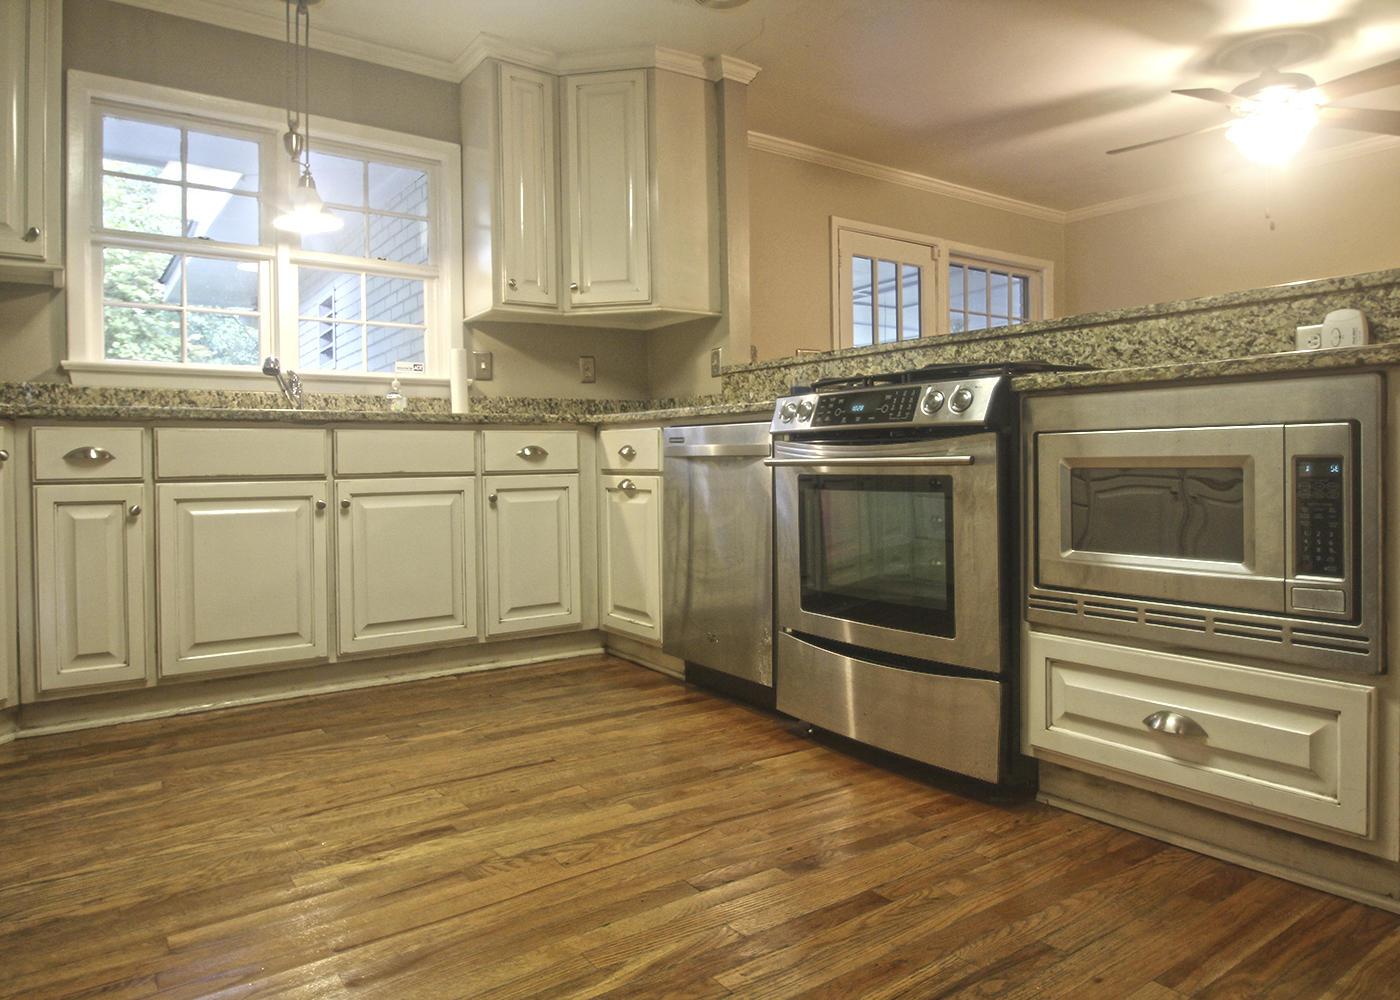 Moreland Homes For Sale - 802 Sheldon, Charleston, SC - 7